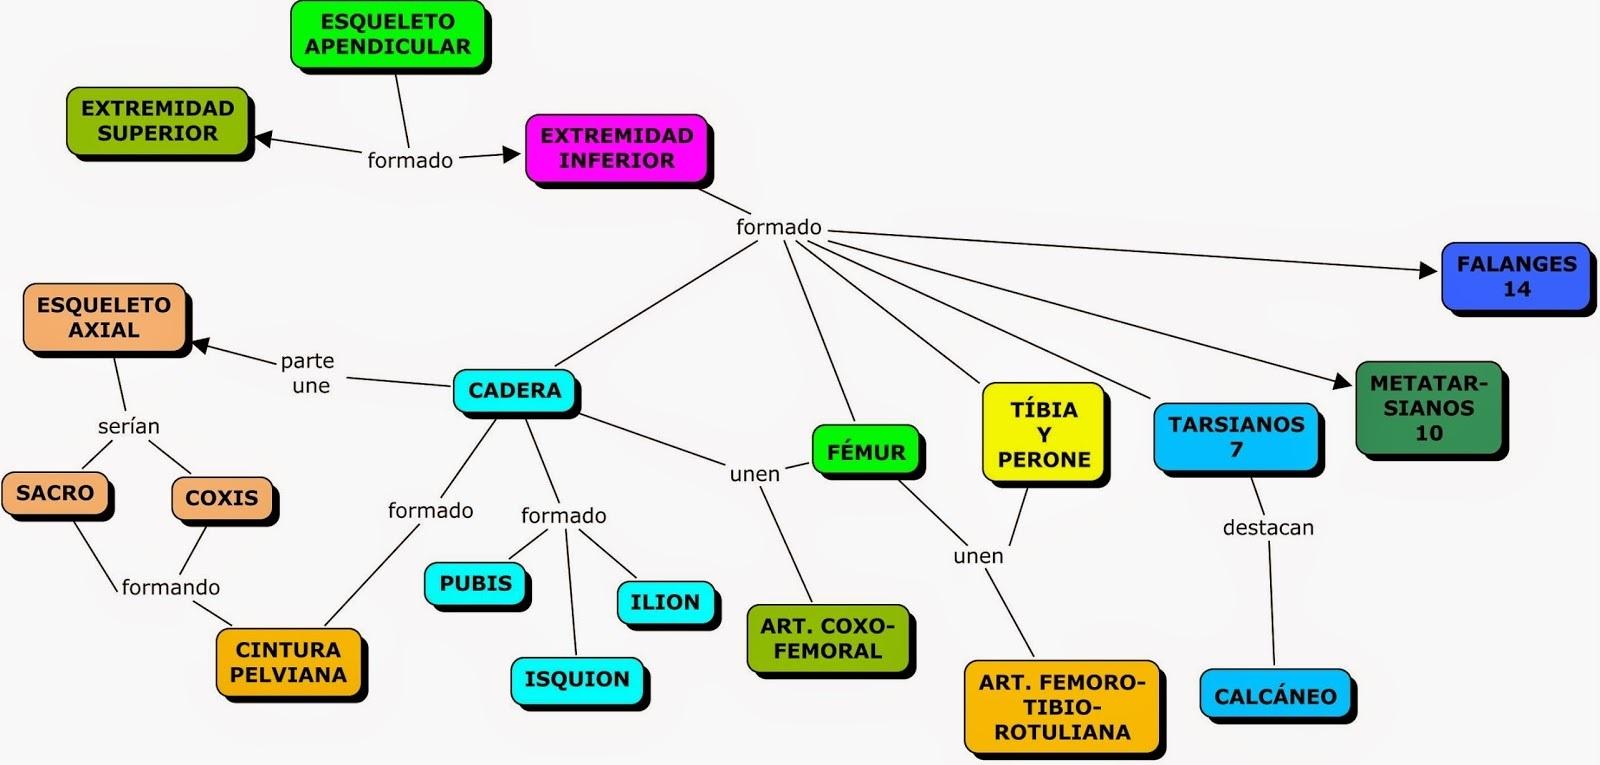 mapa conceptual de el sistema esquelético humano - Brainly.lat